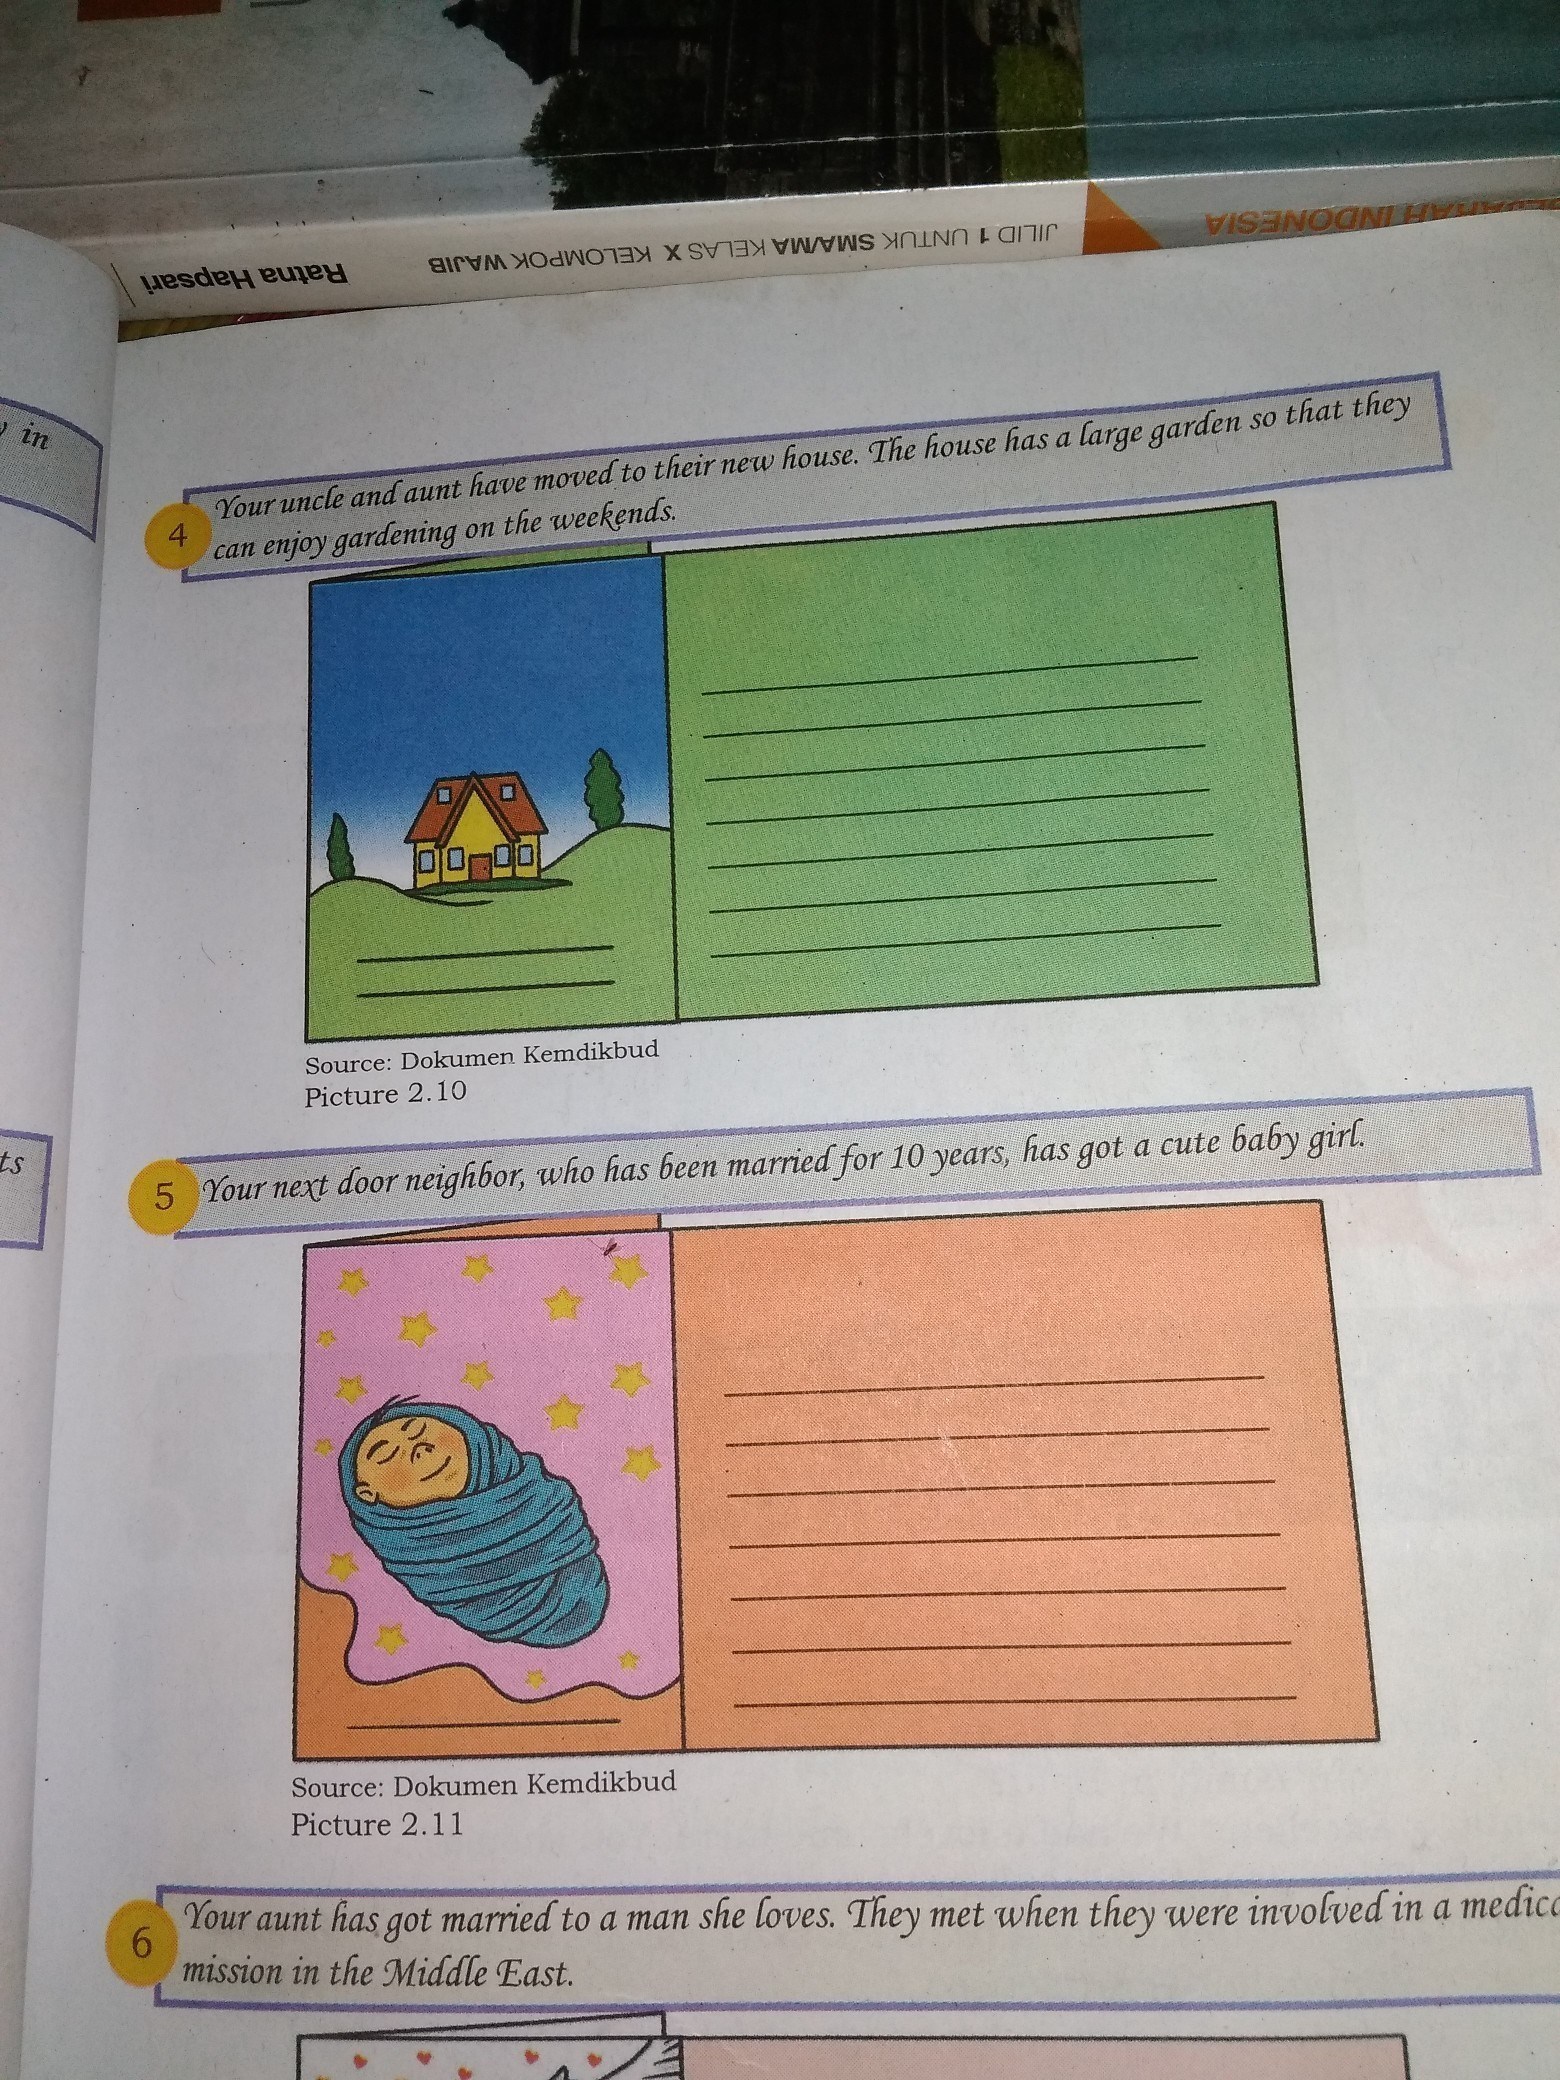 Membuat Surat Kartu Ucapan Selamat No 2 4 5 Brainly Co Id